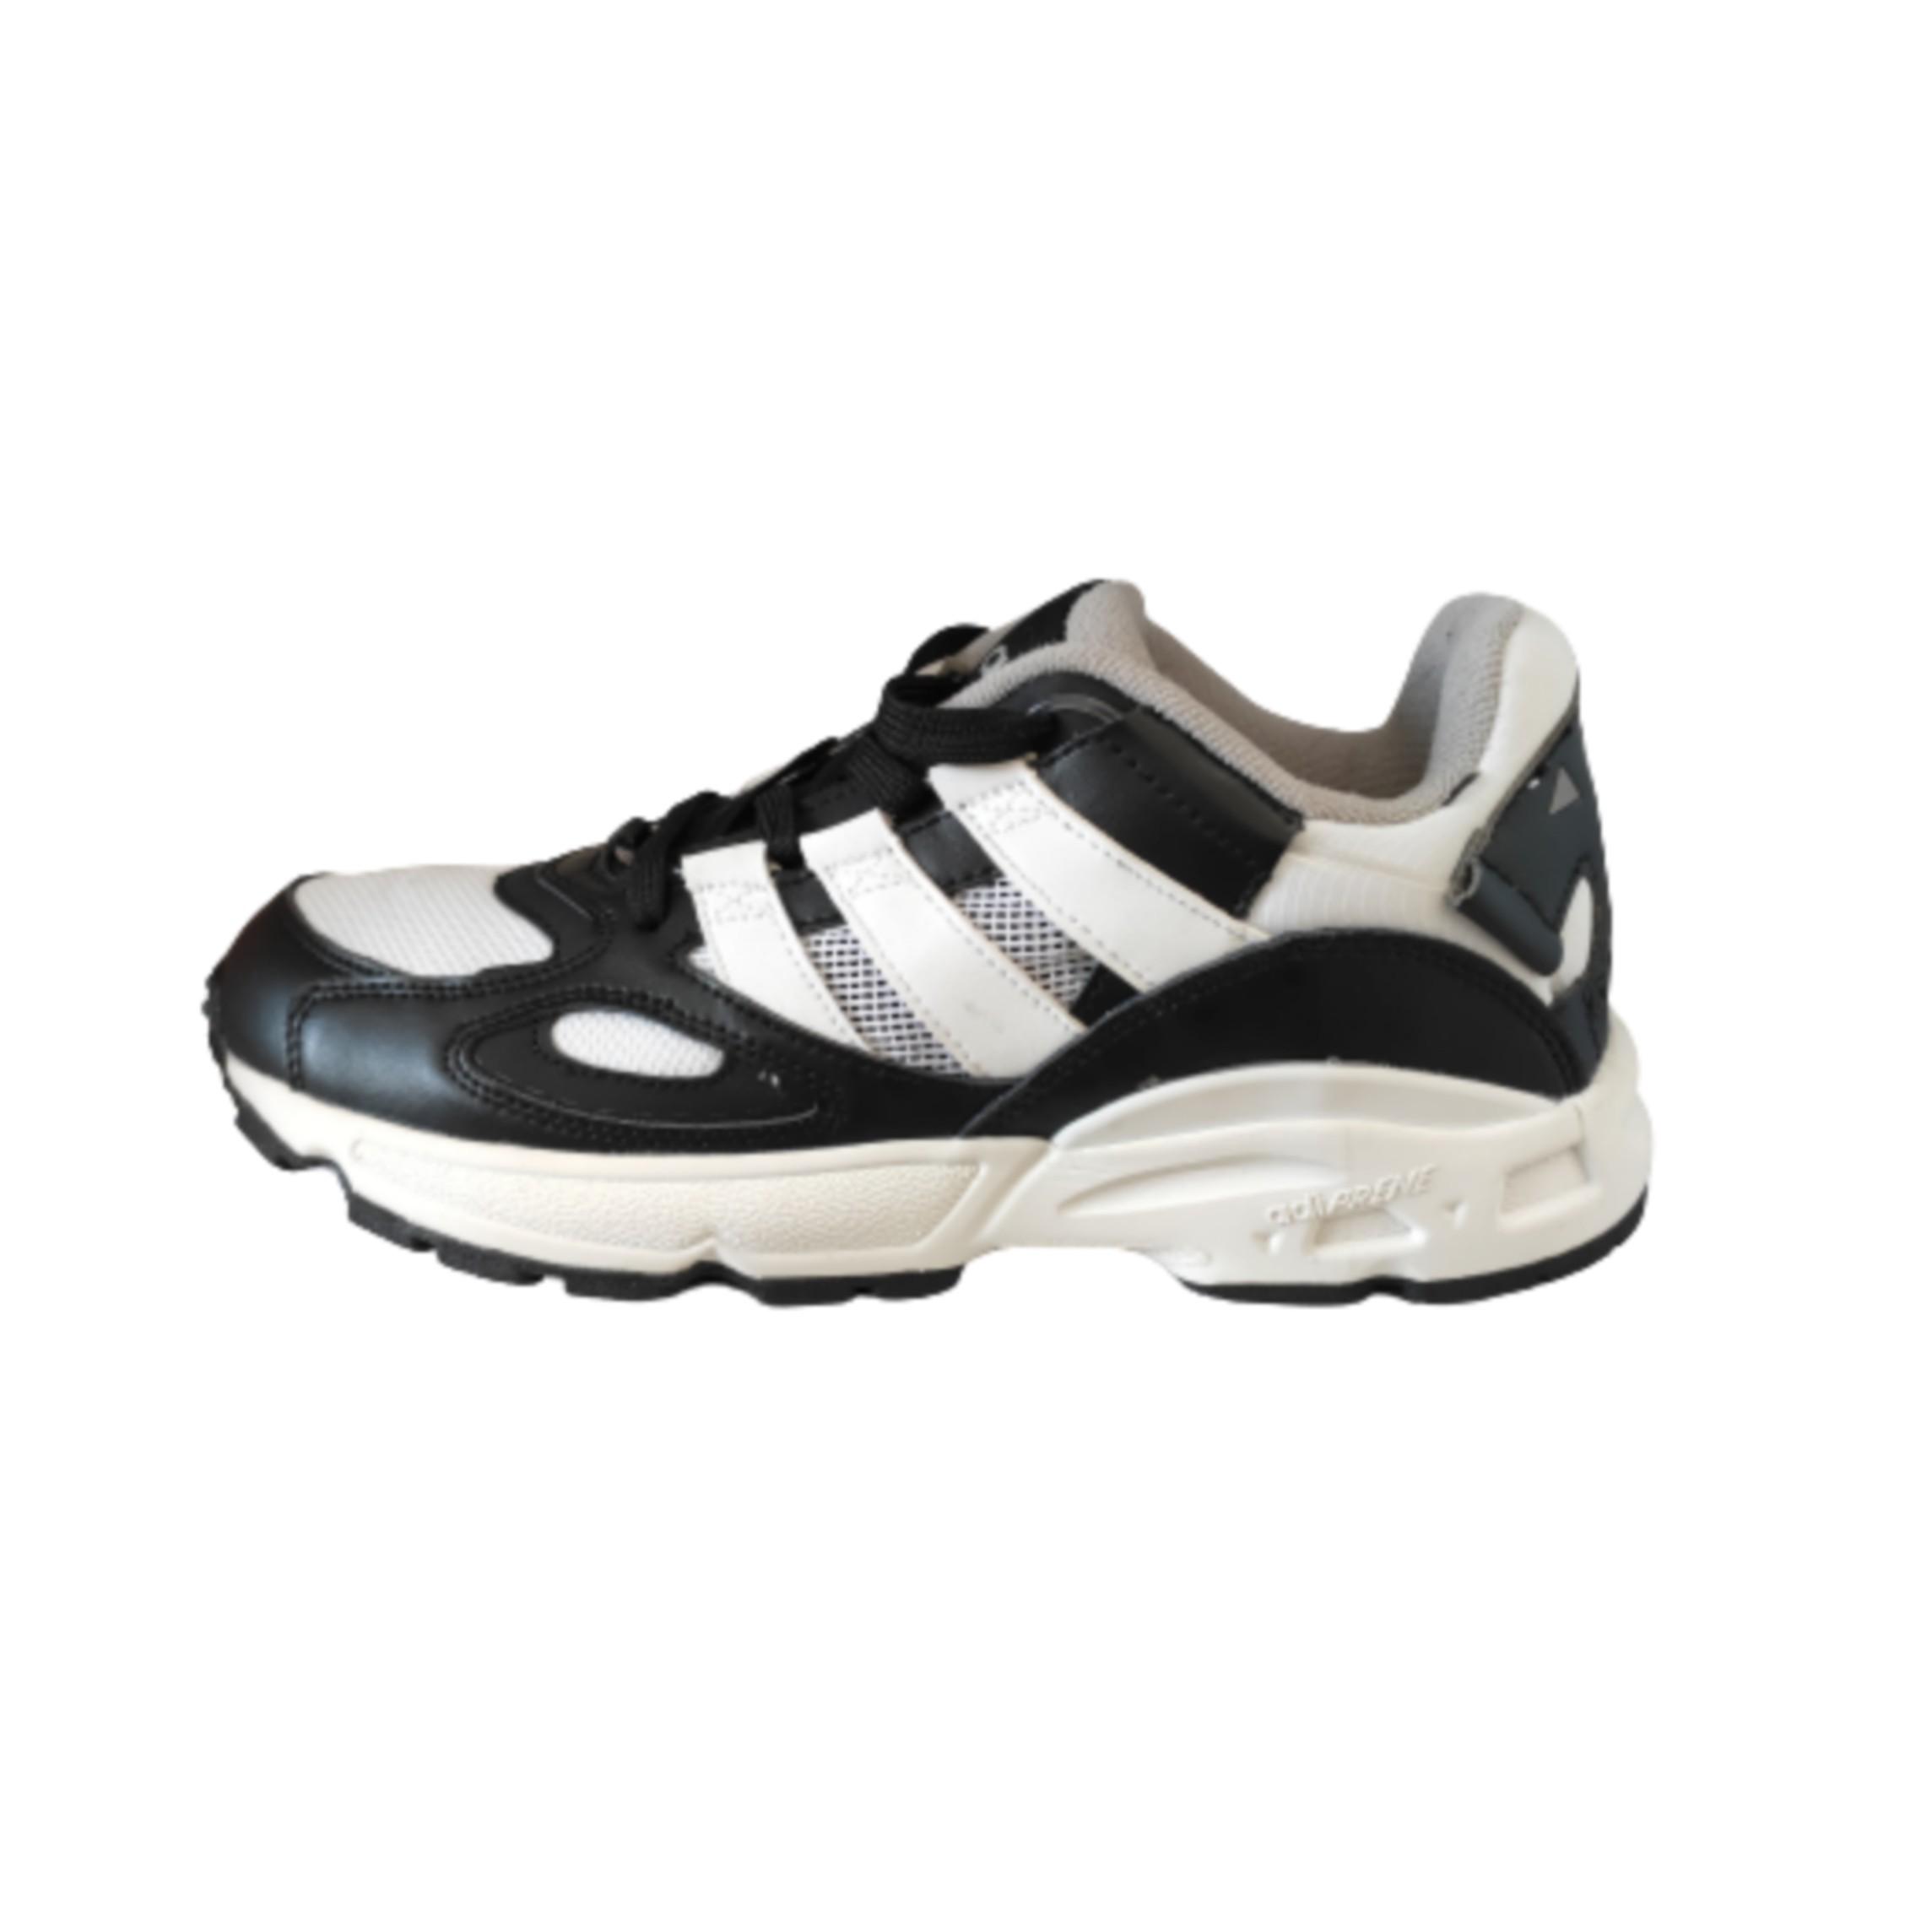 کفش مخصوص دویدن مردانه آدیداس مدل LXCON 94              , خرید اینترنتی